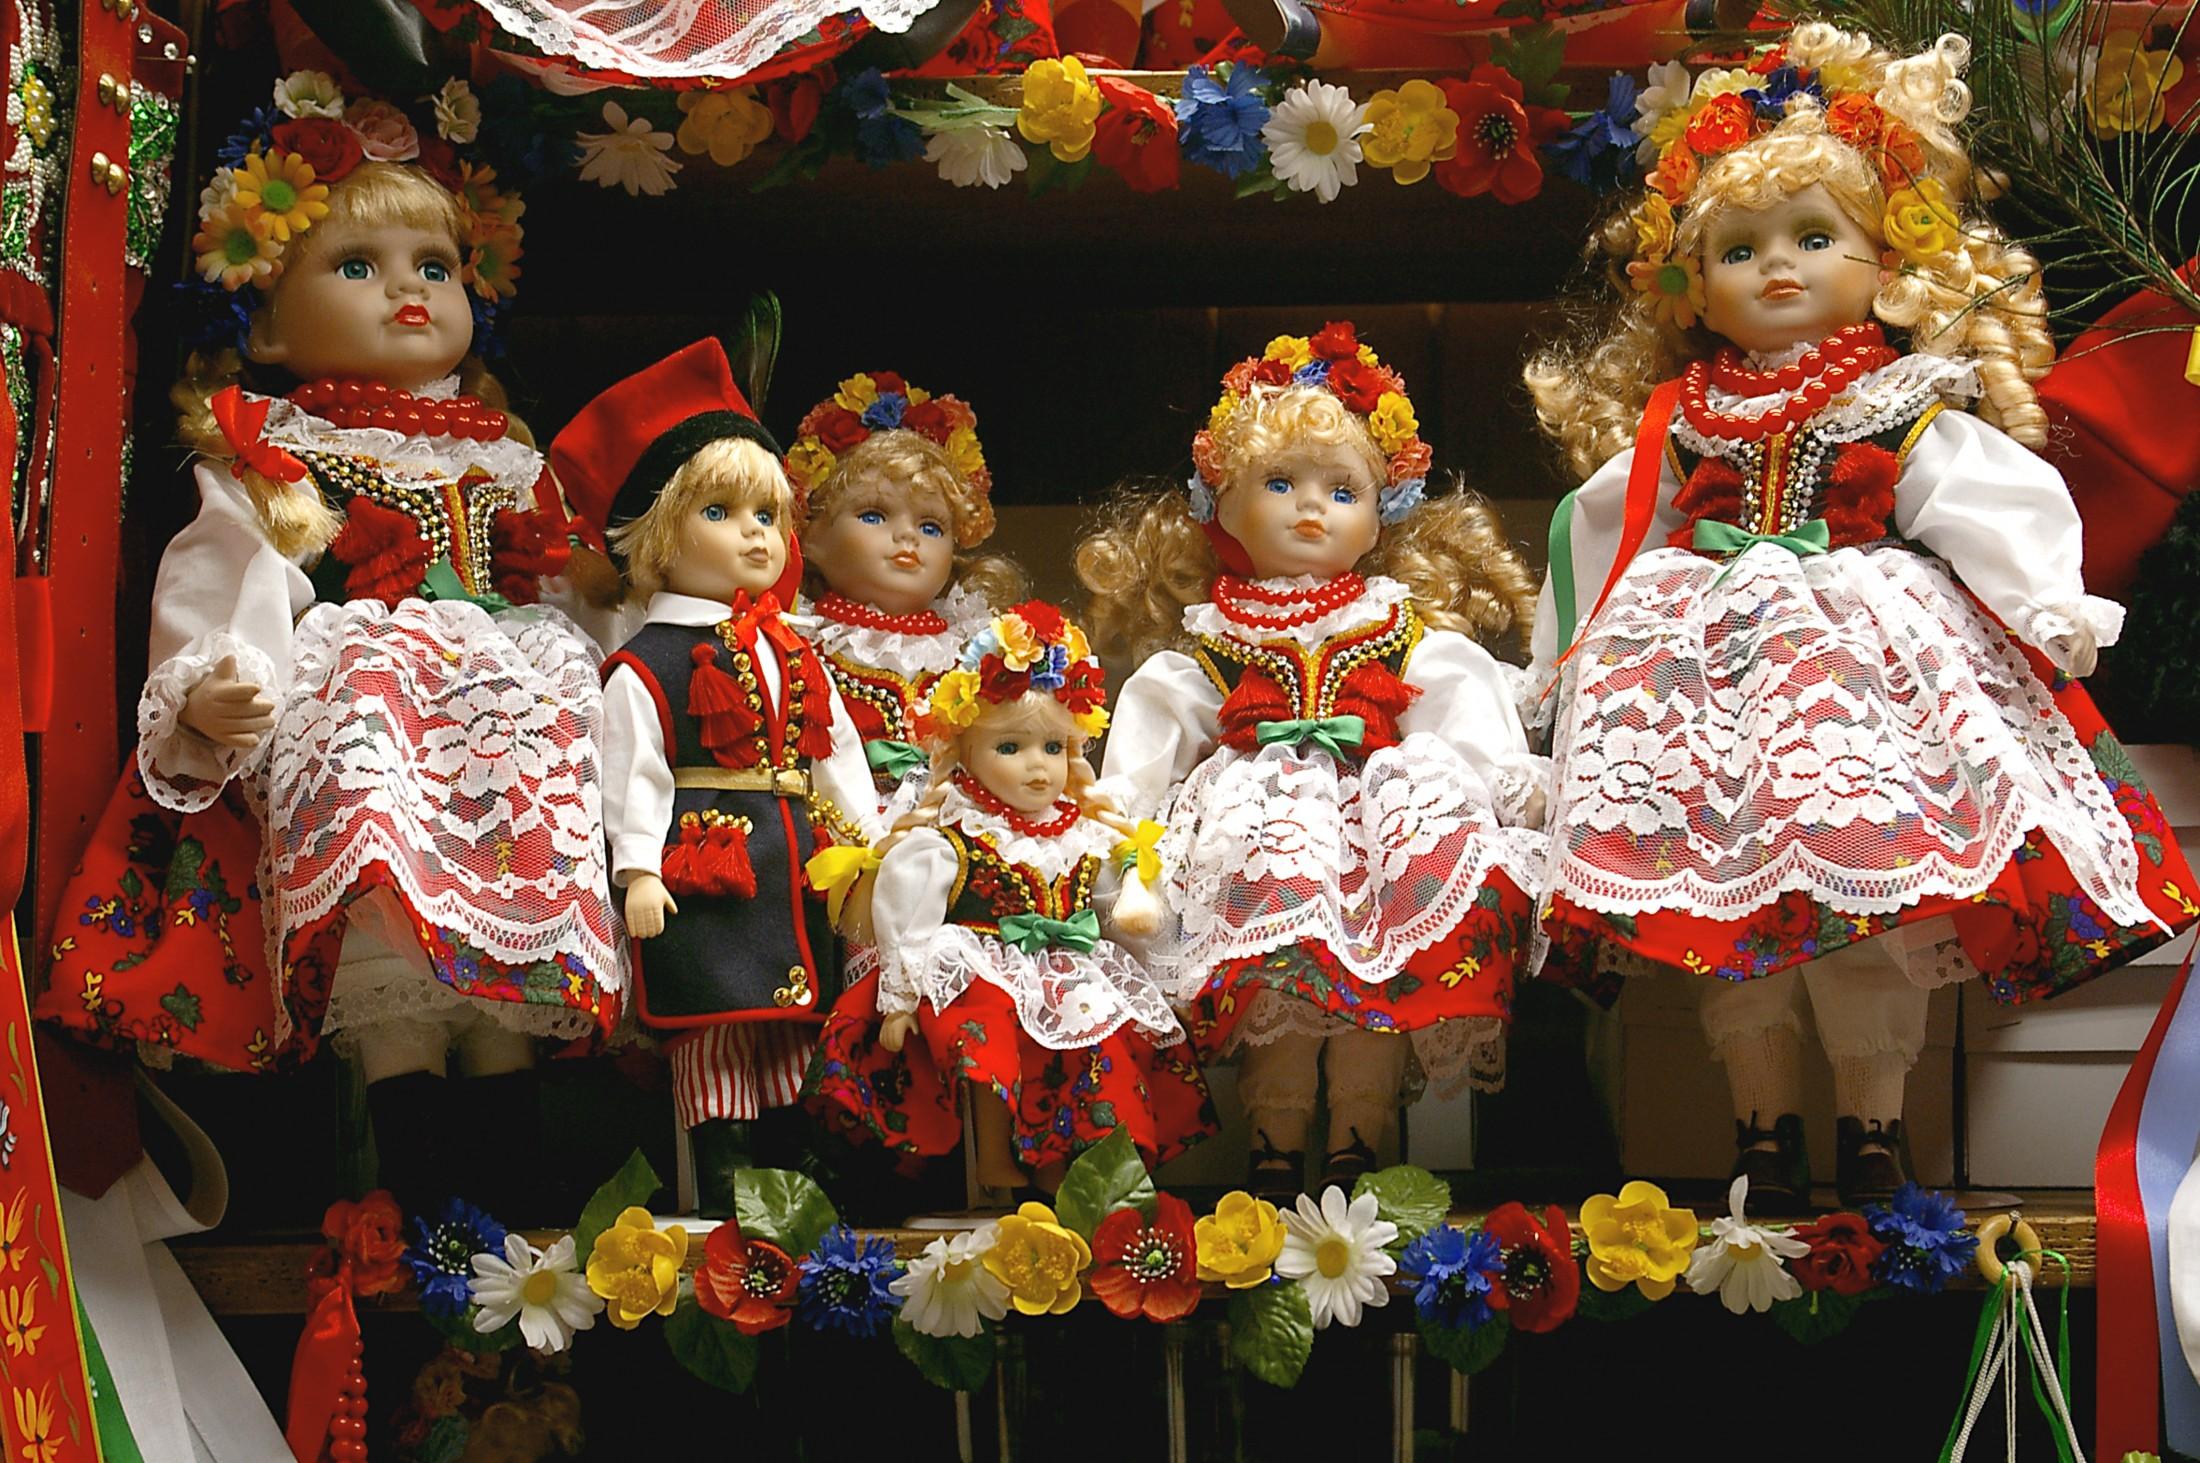 سوغات لهستان